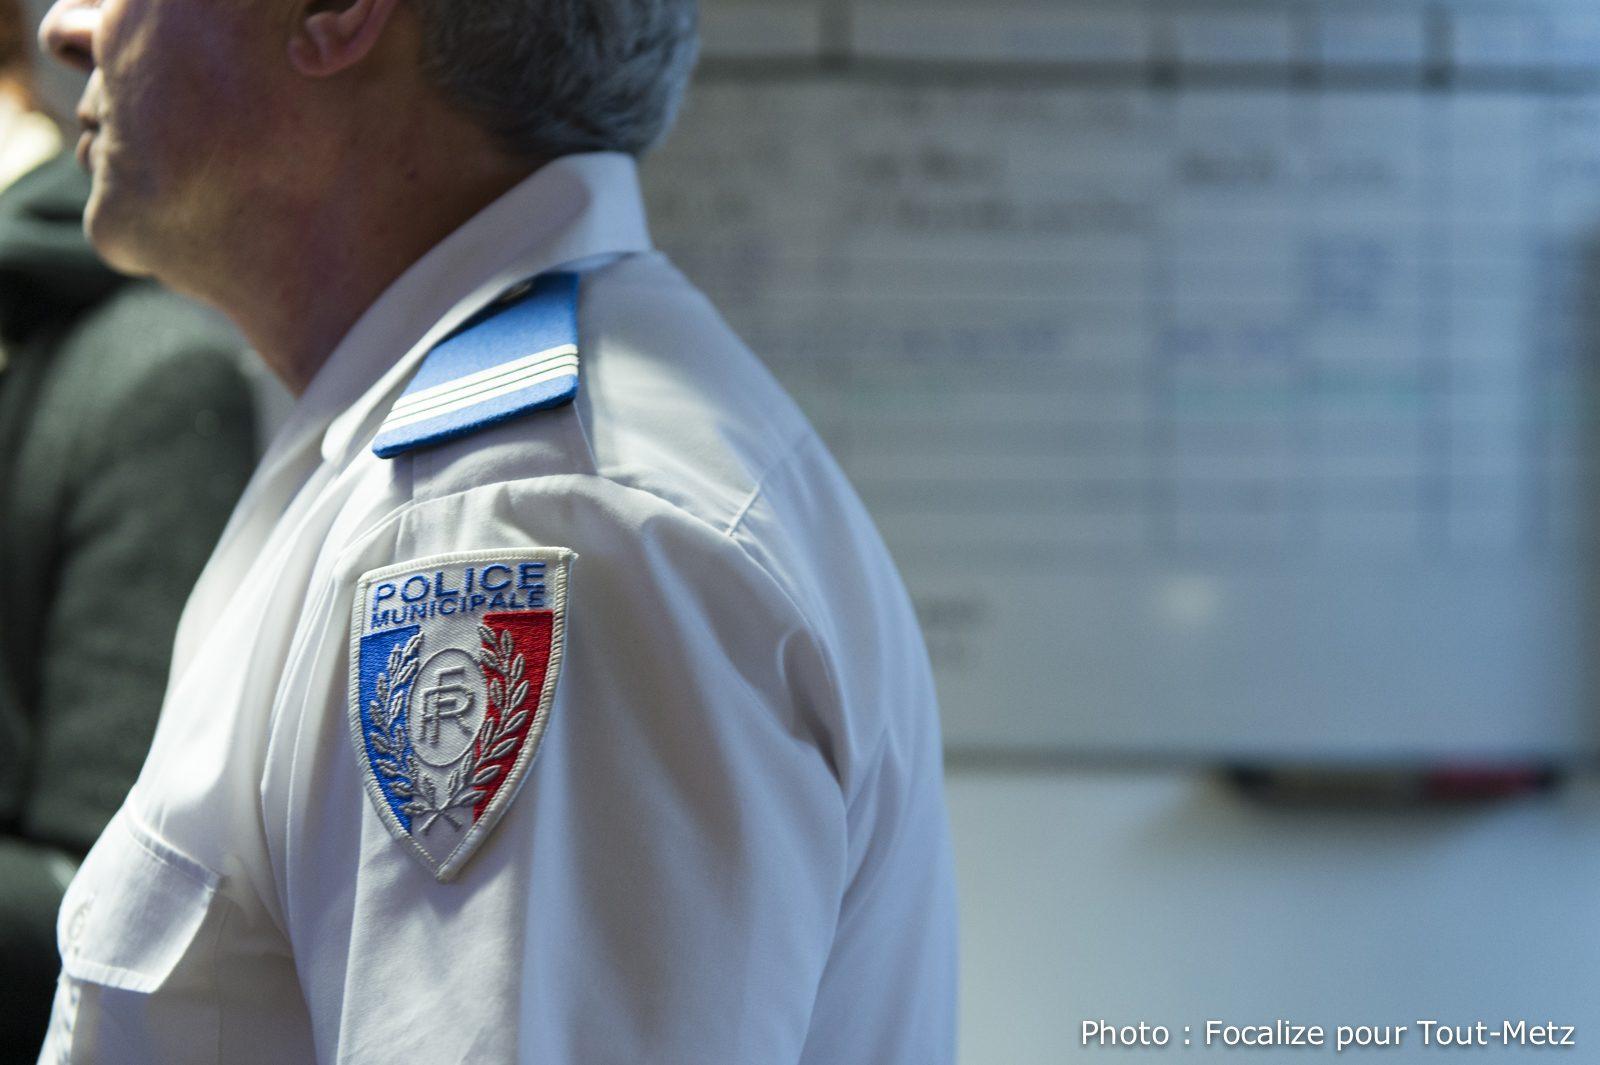 Disparition à Vandoeuvre-lès-Nancy : l'employé de mairie va bien